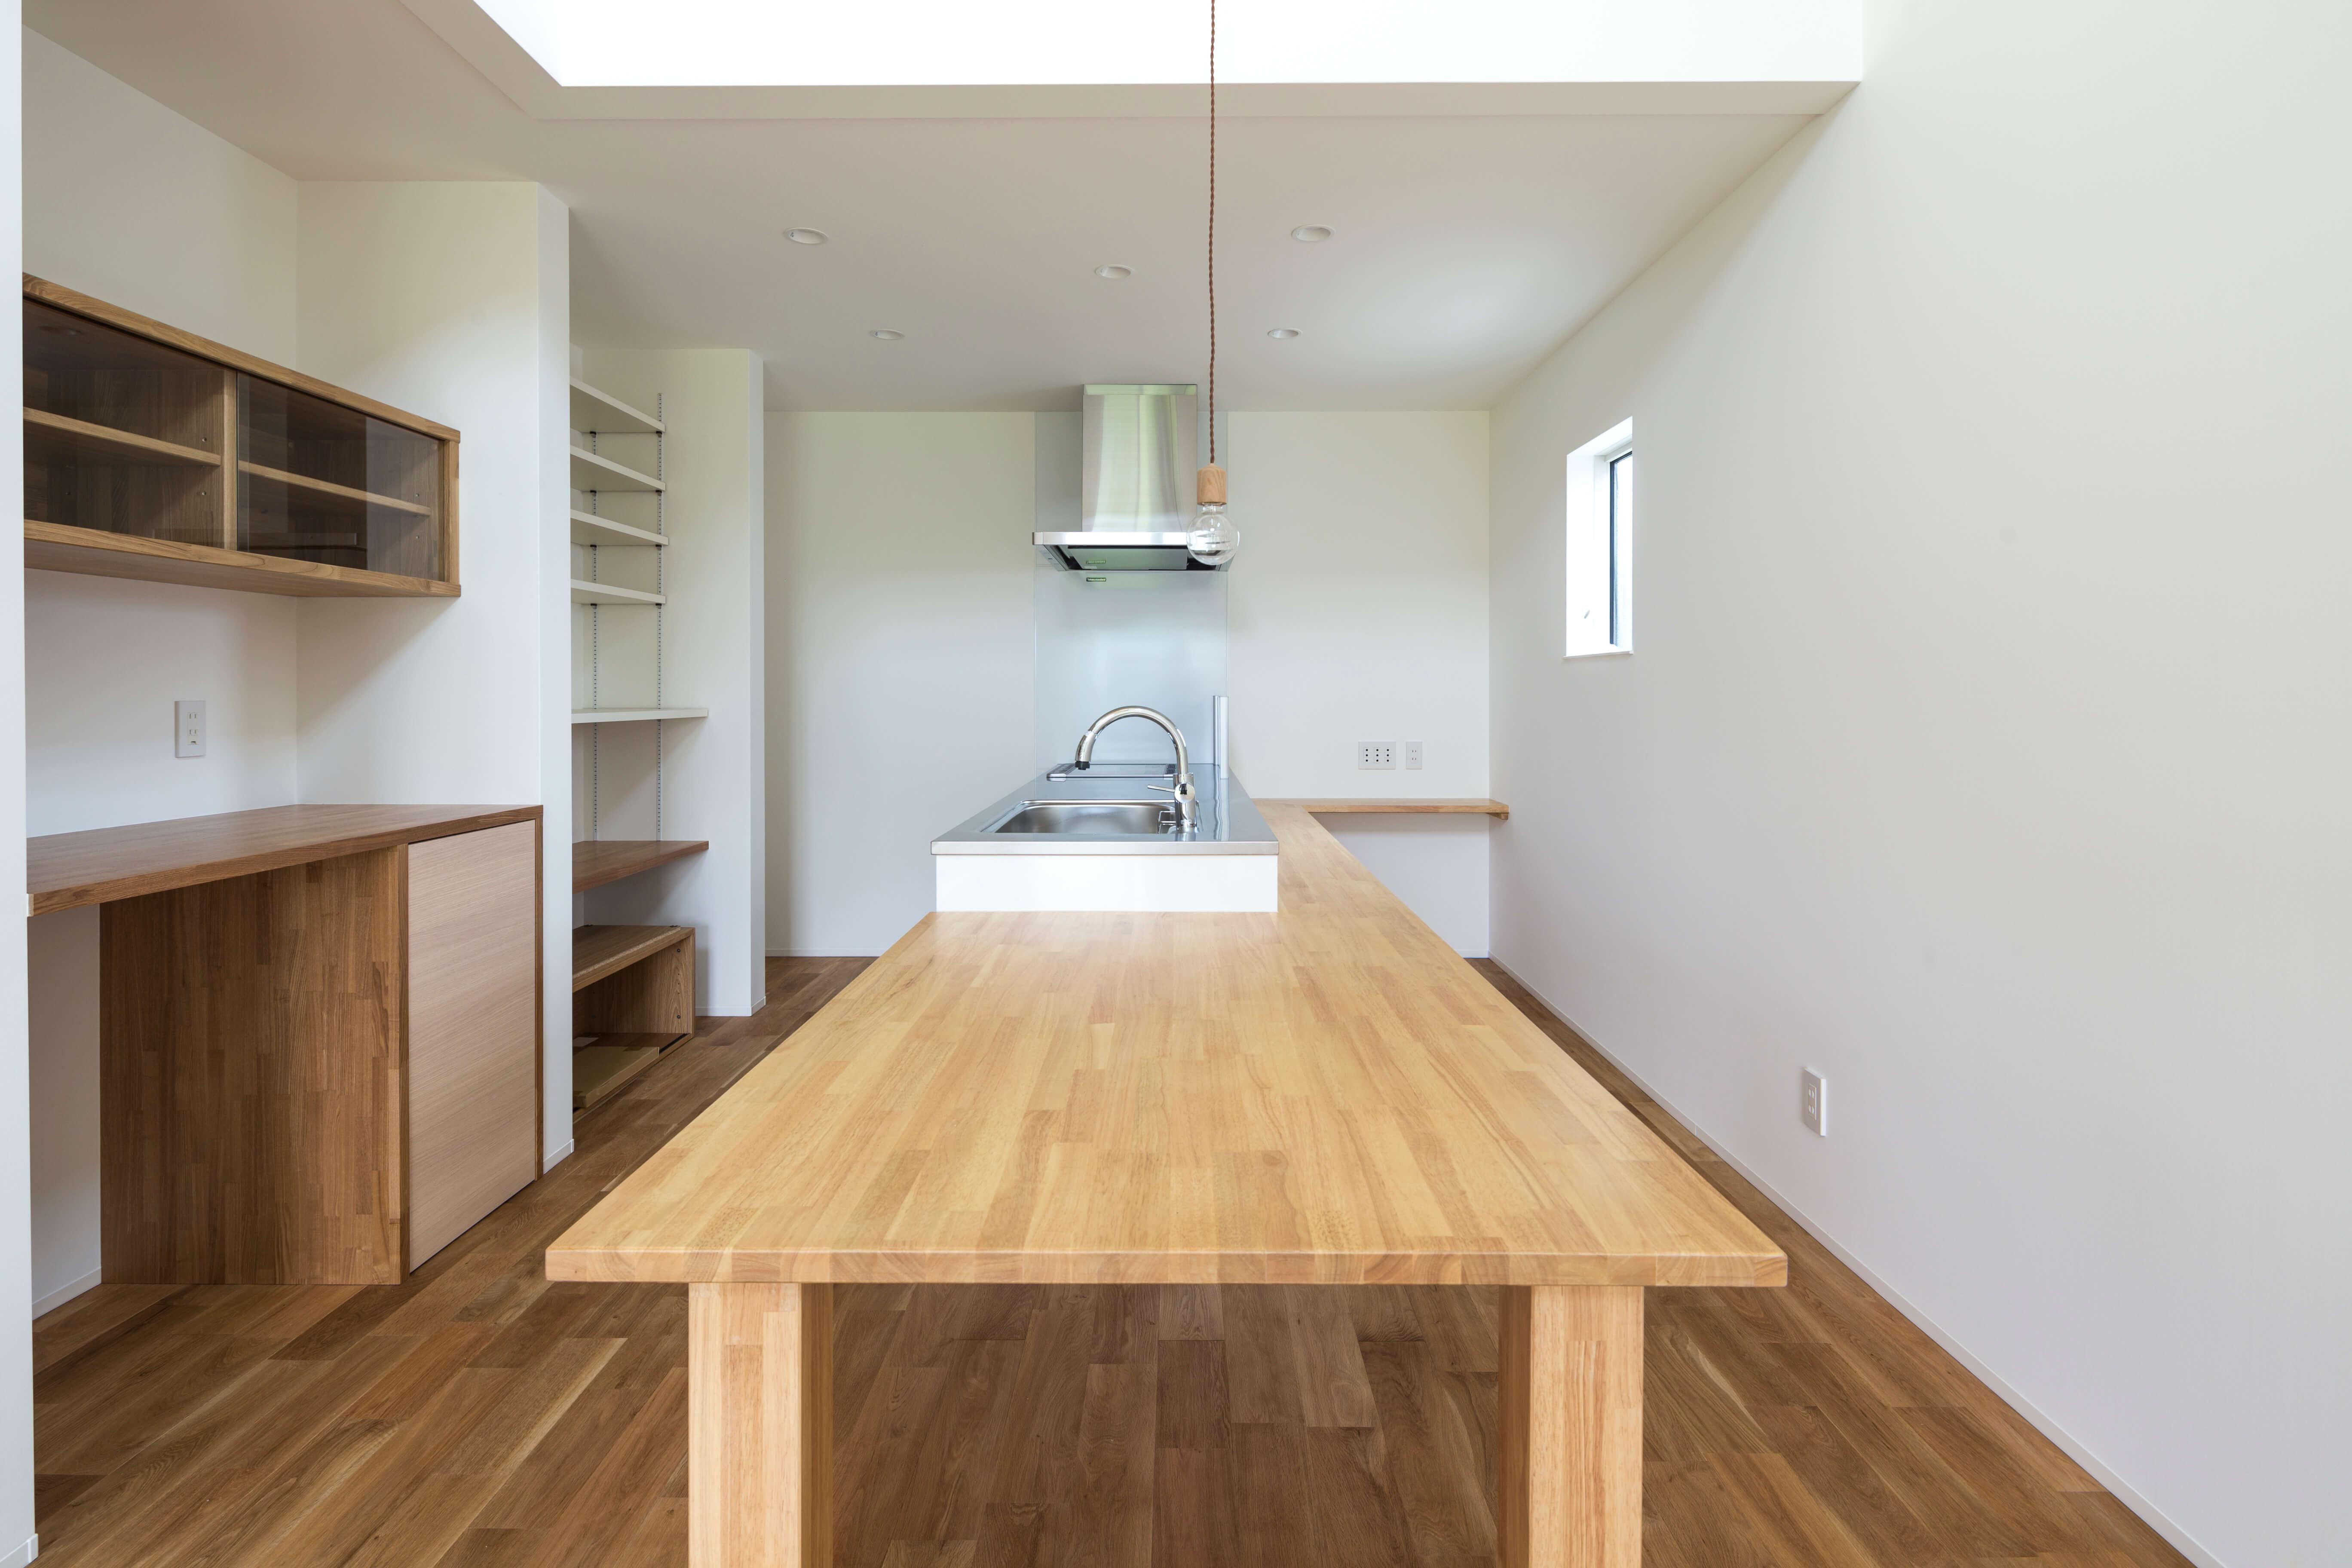 お掃除とお片付け ライフスタイルから家づくりを考える  相馬市・南相馬市で注文住宅を建てよう!